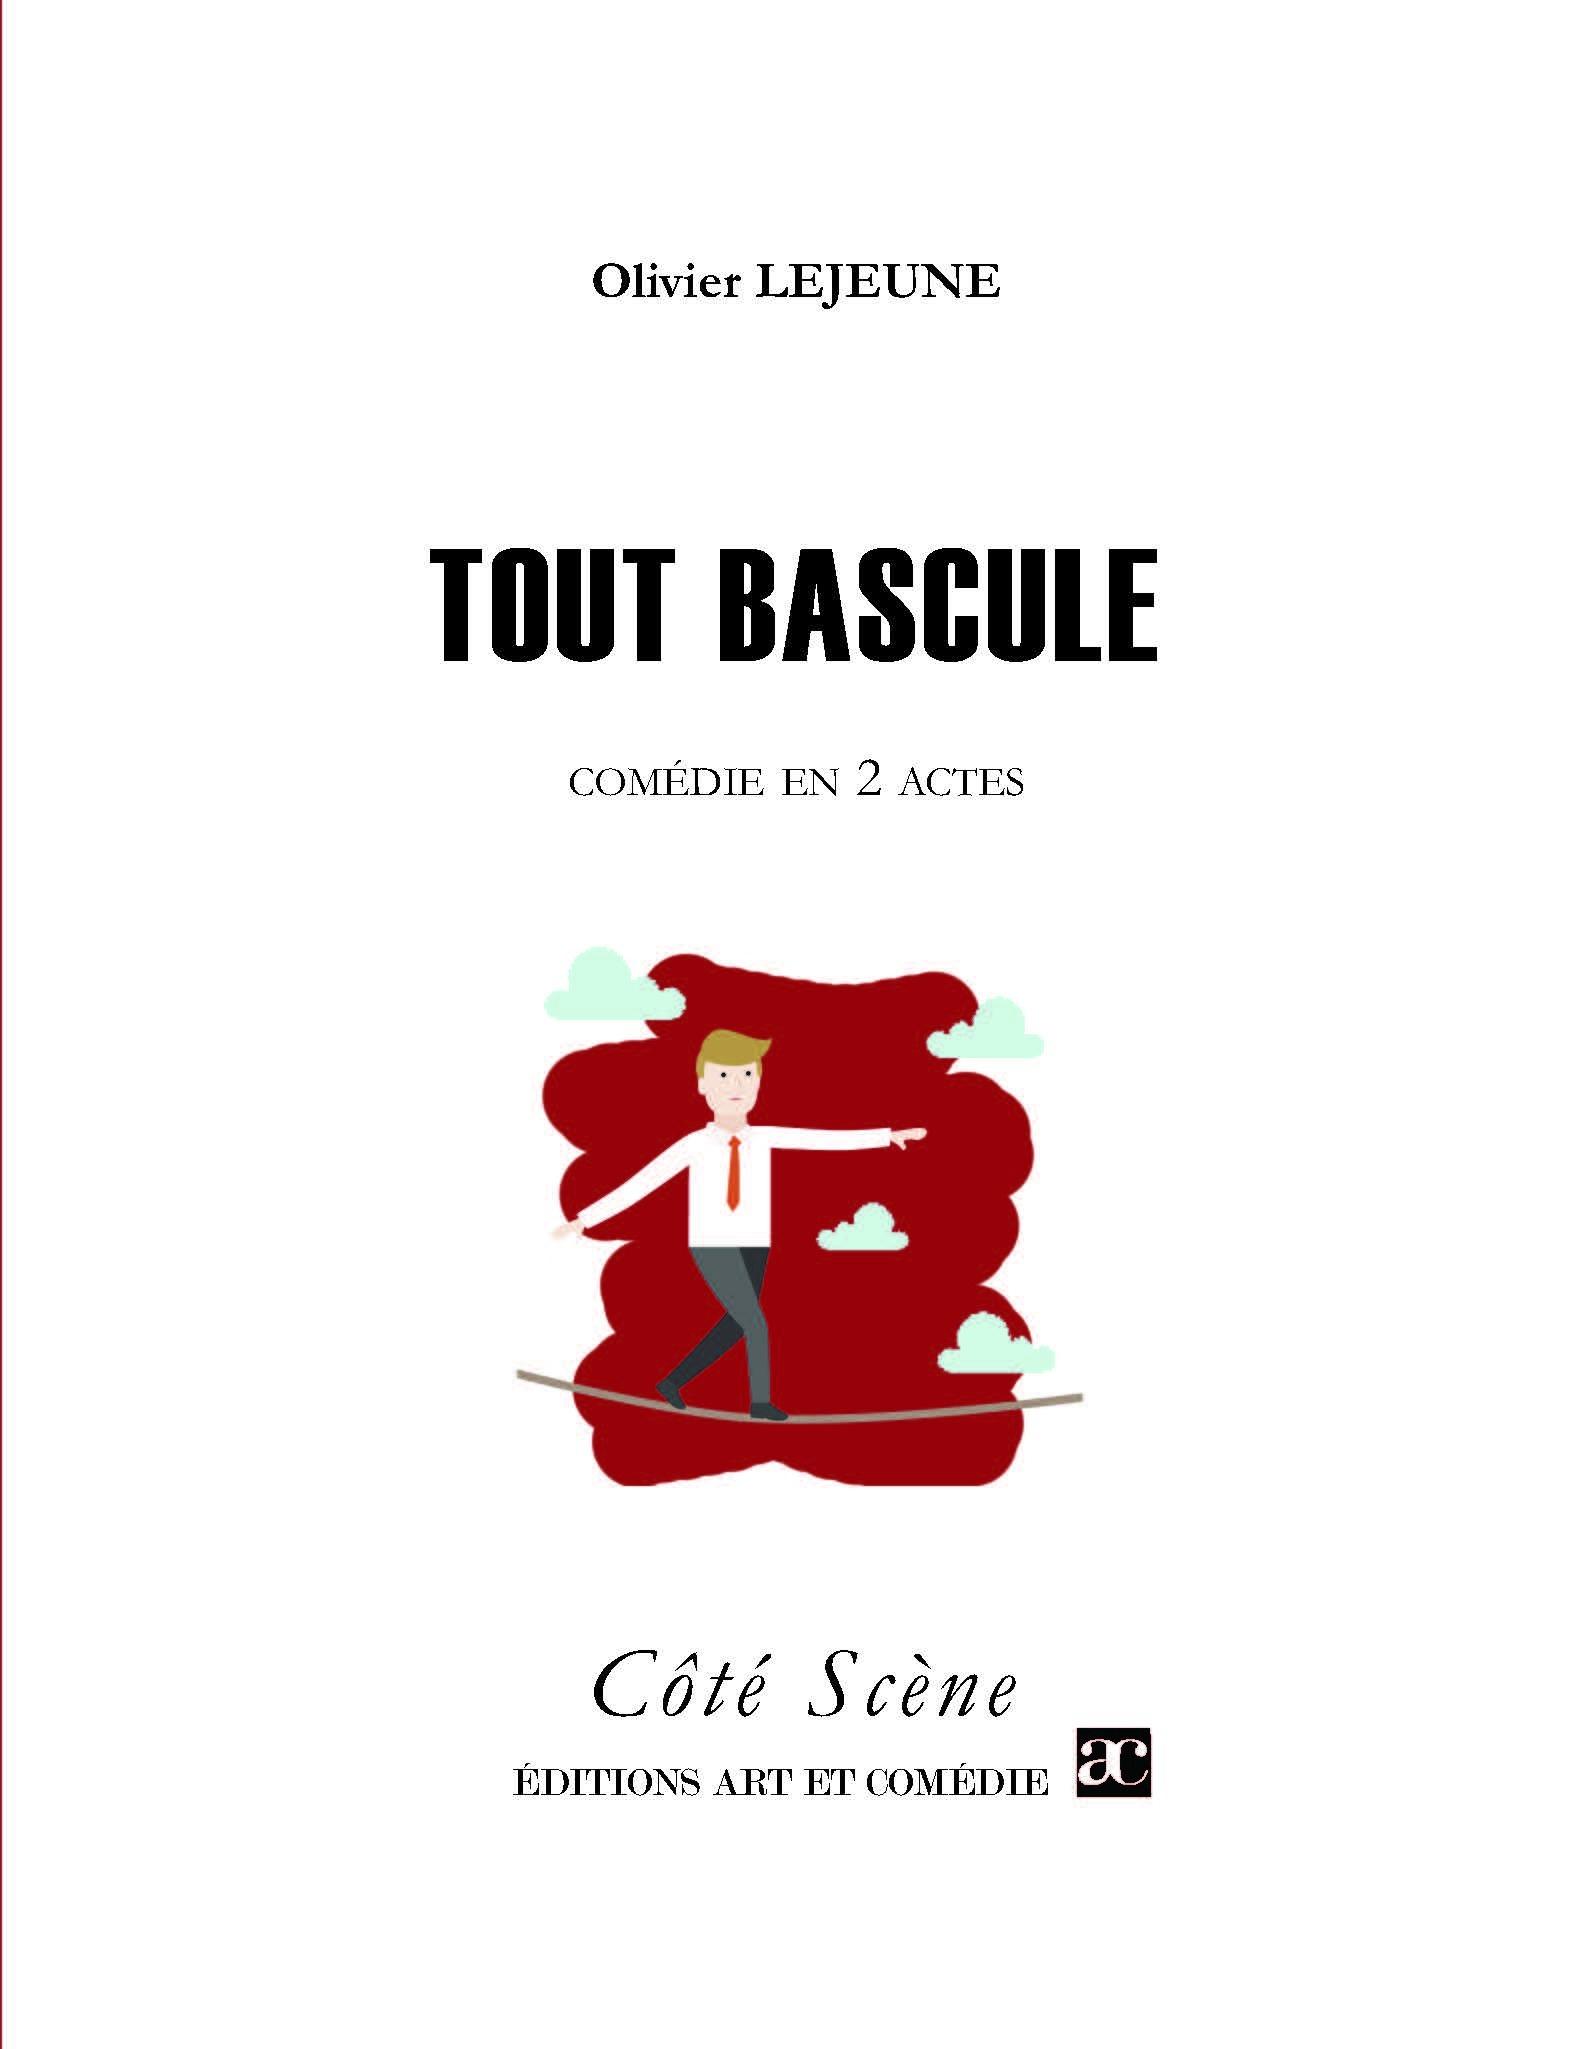 Olivier Lejeune Tout bascule